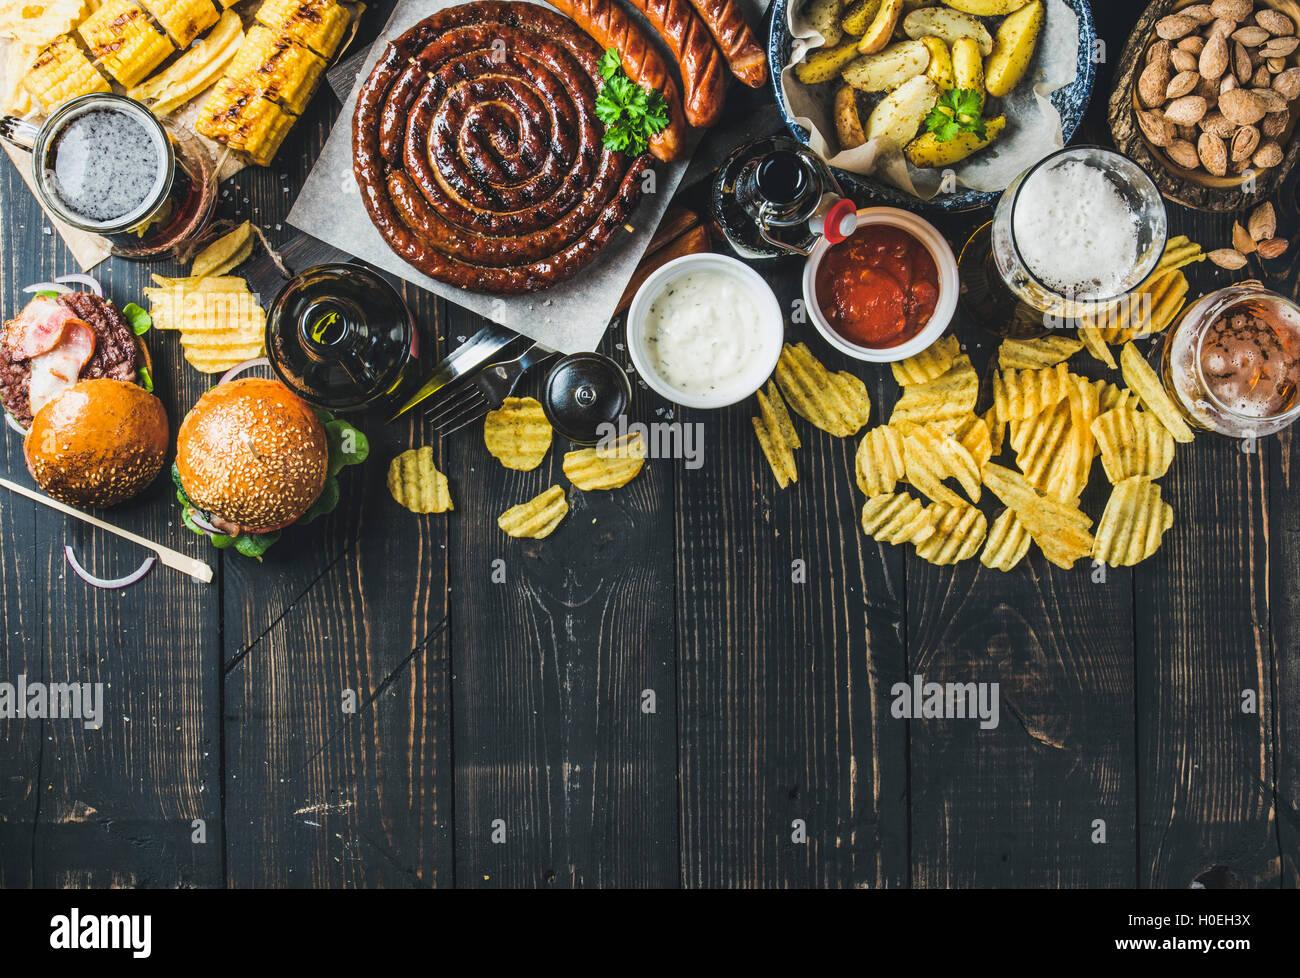 Bier und Brotzeit festgelegt. Oktoberfest-Essen-Frame-Konzept. Vatiety Bier, gegrillte Würstchen, Burger, Mais, Stockbild